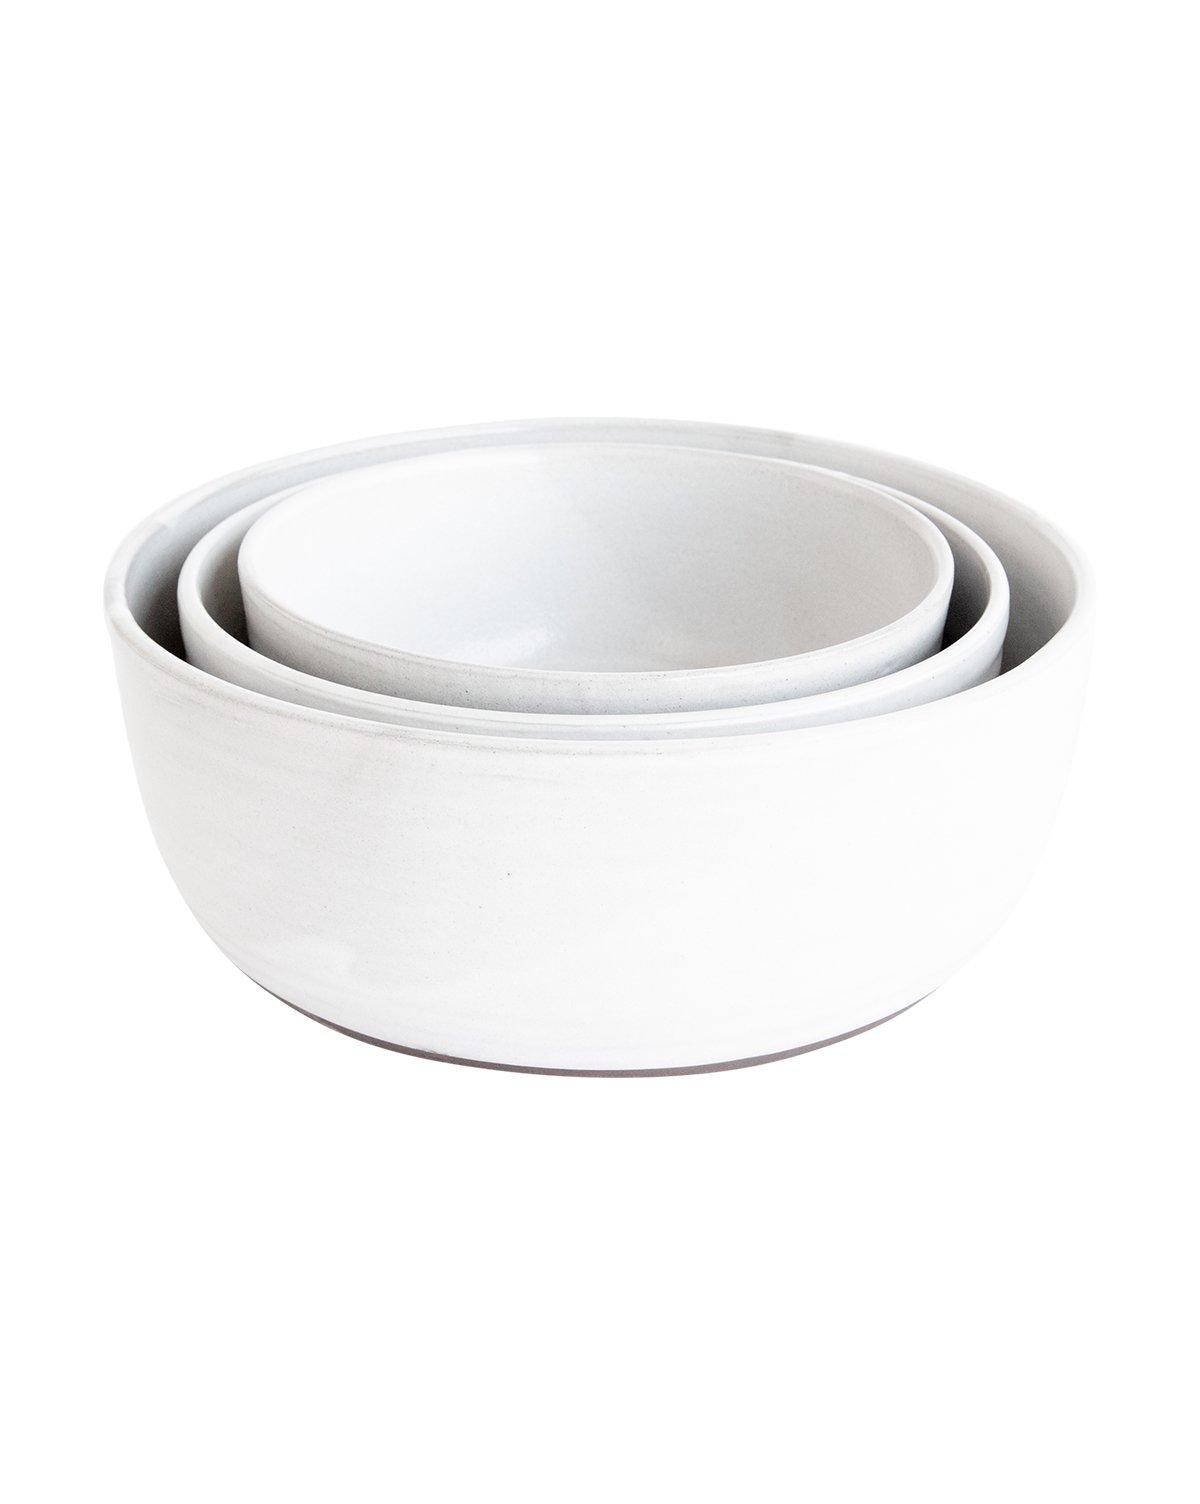 Black_White_Bowl_1.jpg